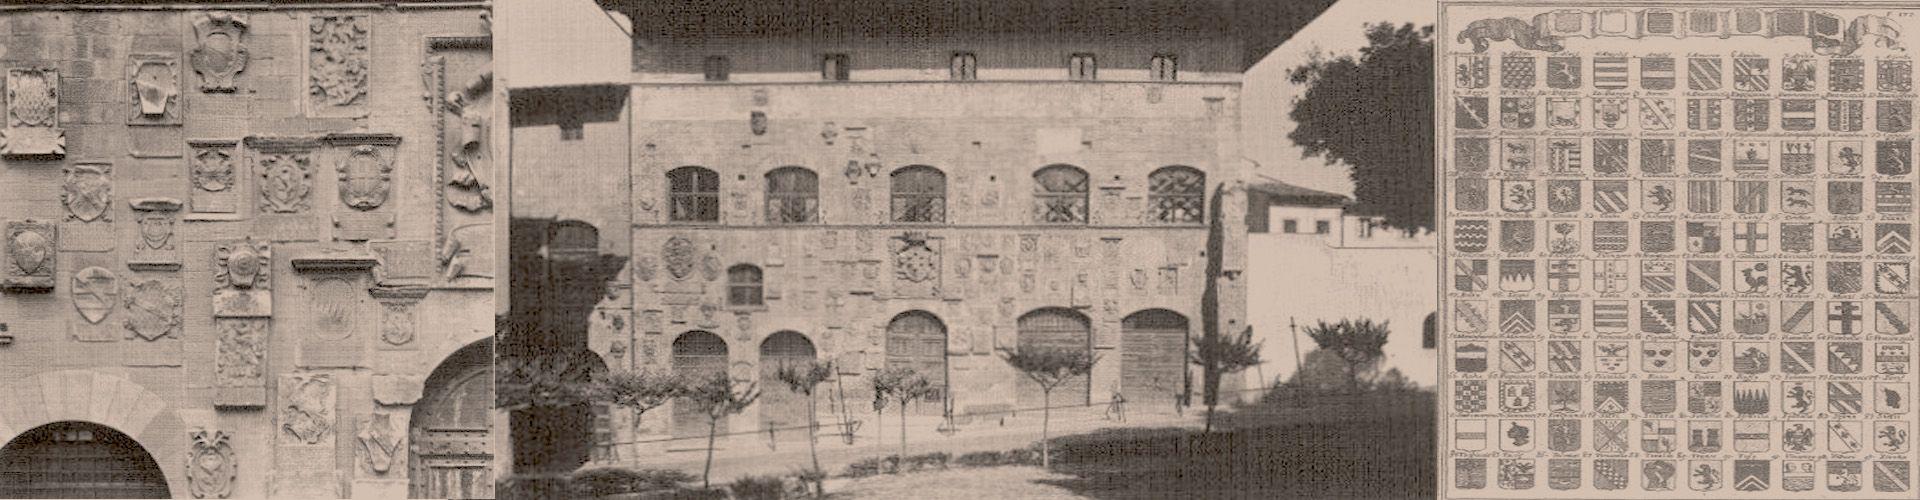 Imagens do livro Costruzione, linguaggio e lettura dello stemma, a cura di Marcello del Piazzo, págs. 520, 534 e 535.